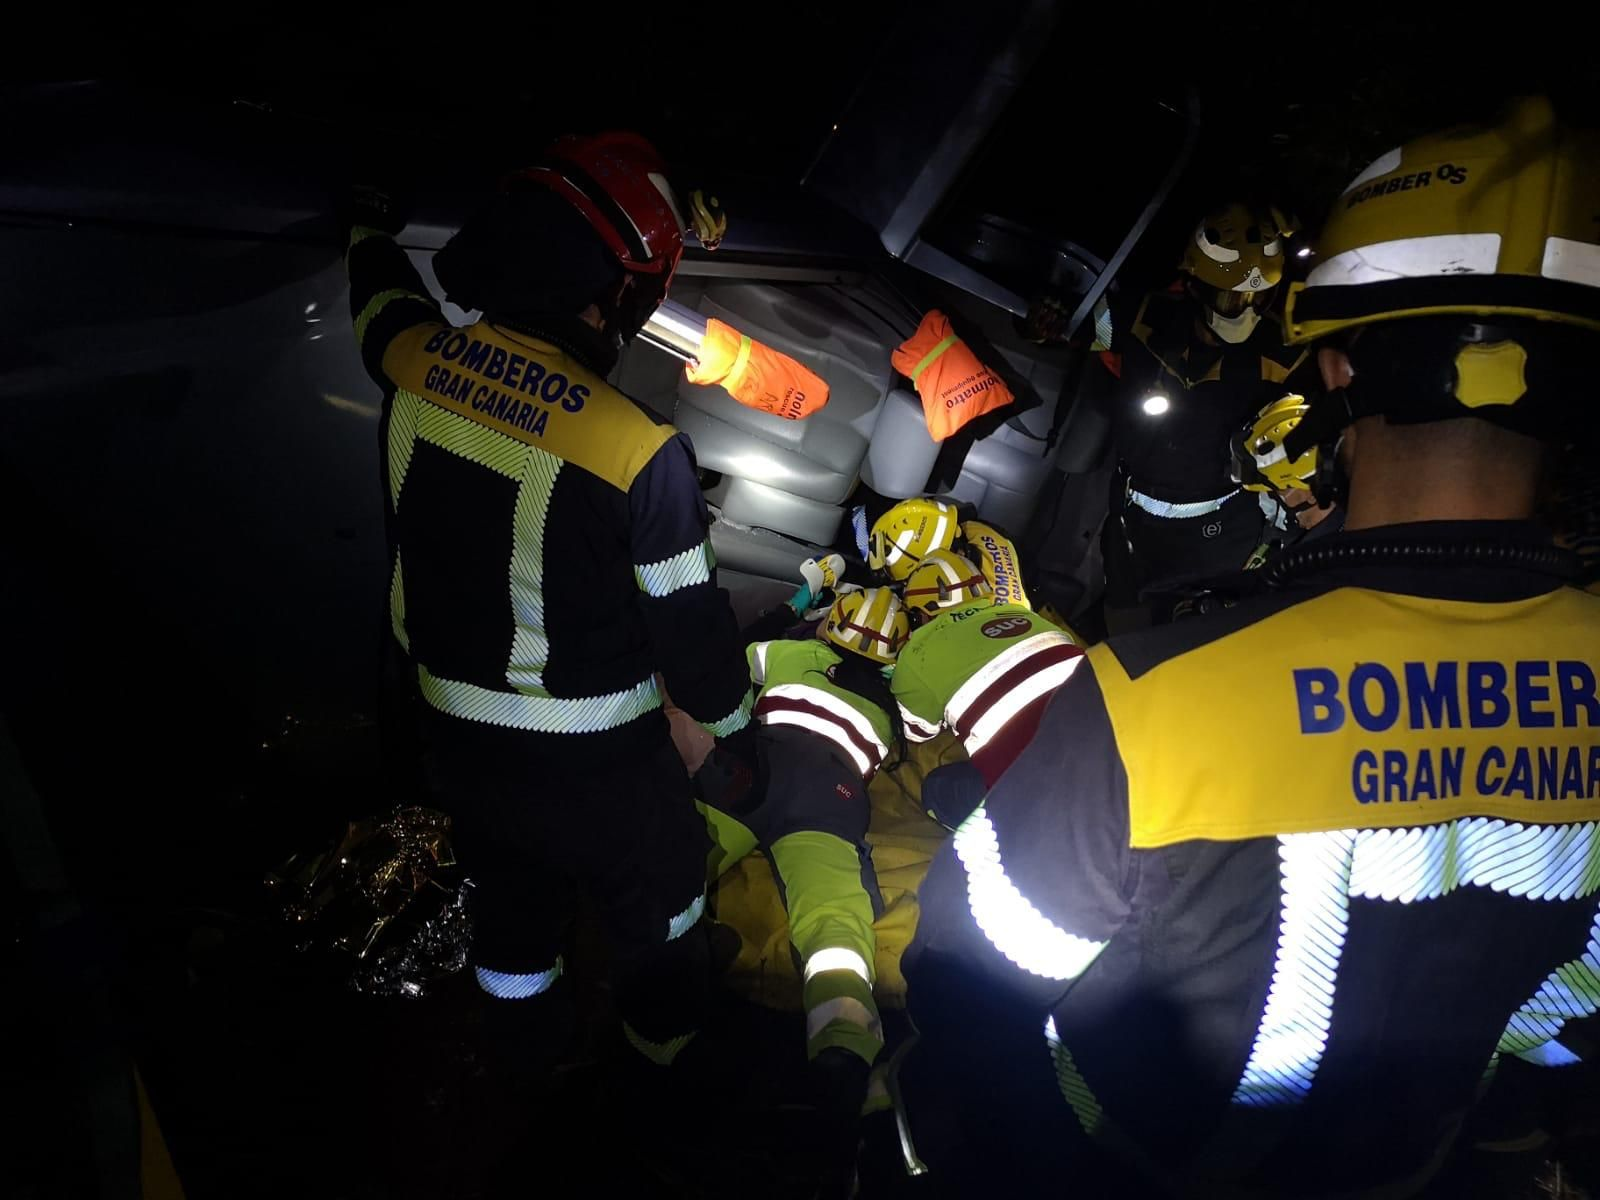 Un coche cae desde 15 metros en una calle de Teror (24/06/2021)